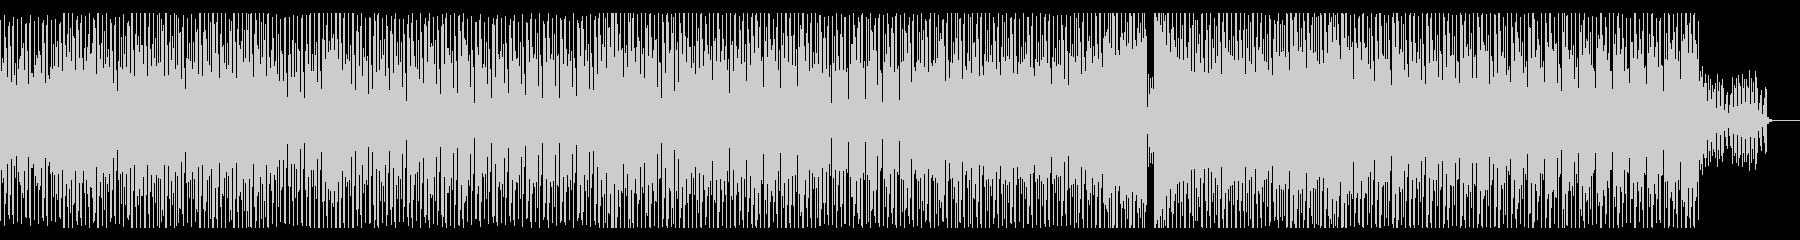 クールかっこいいシンセメロの曲の未再生の波形